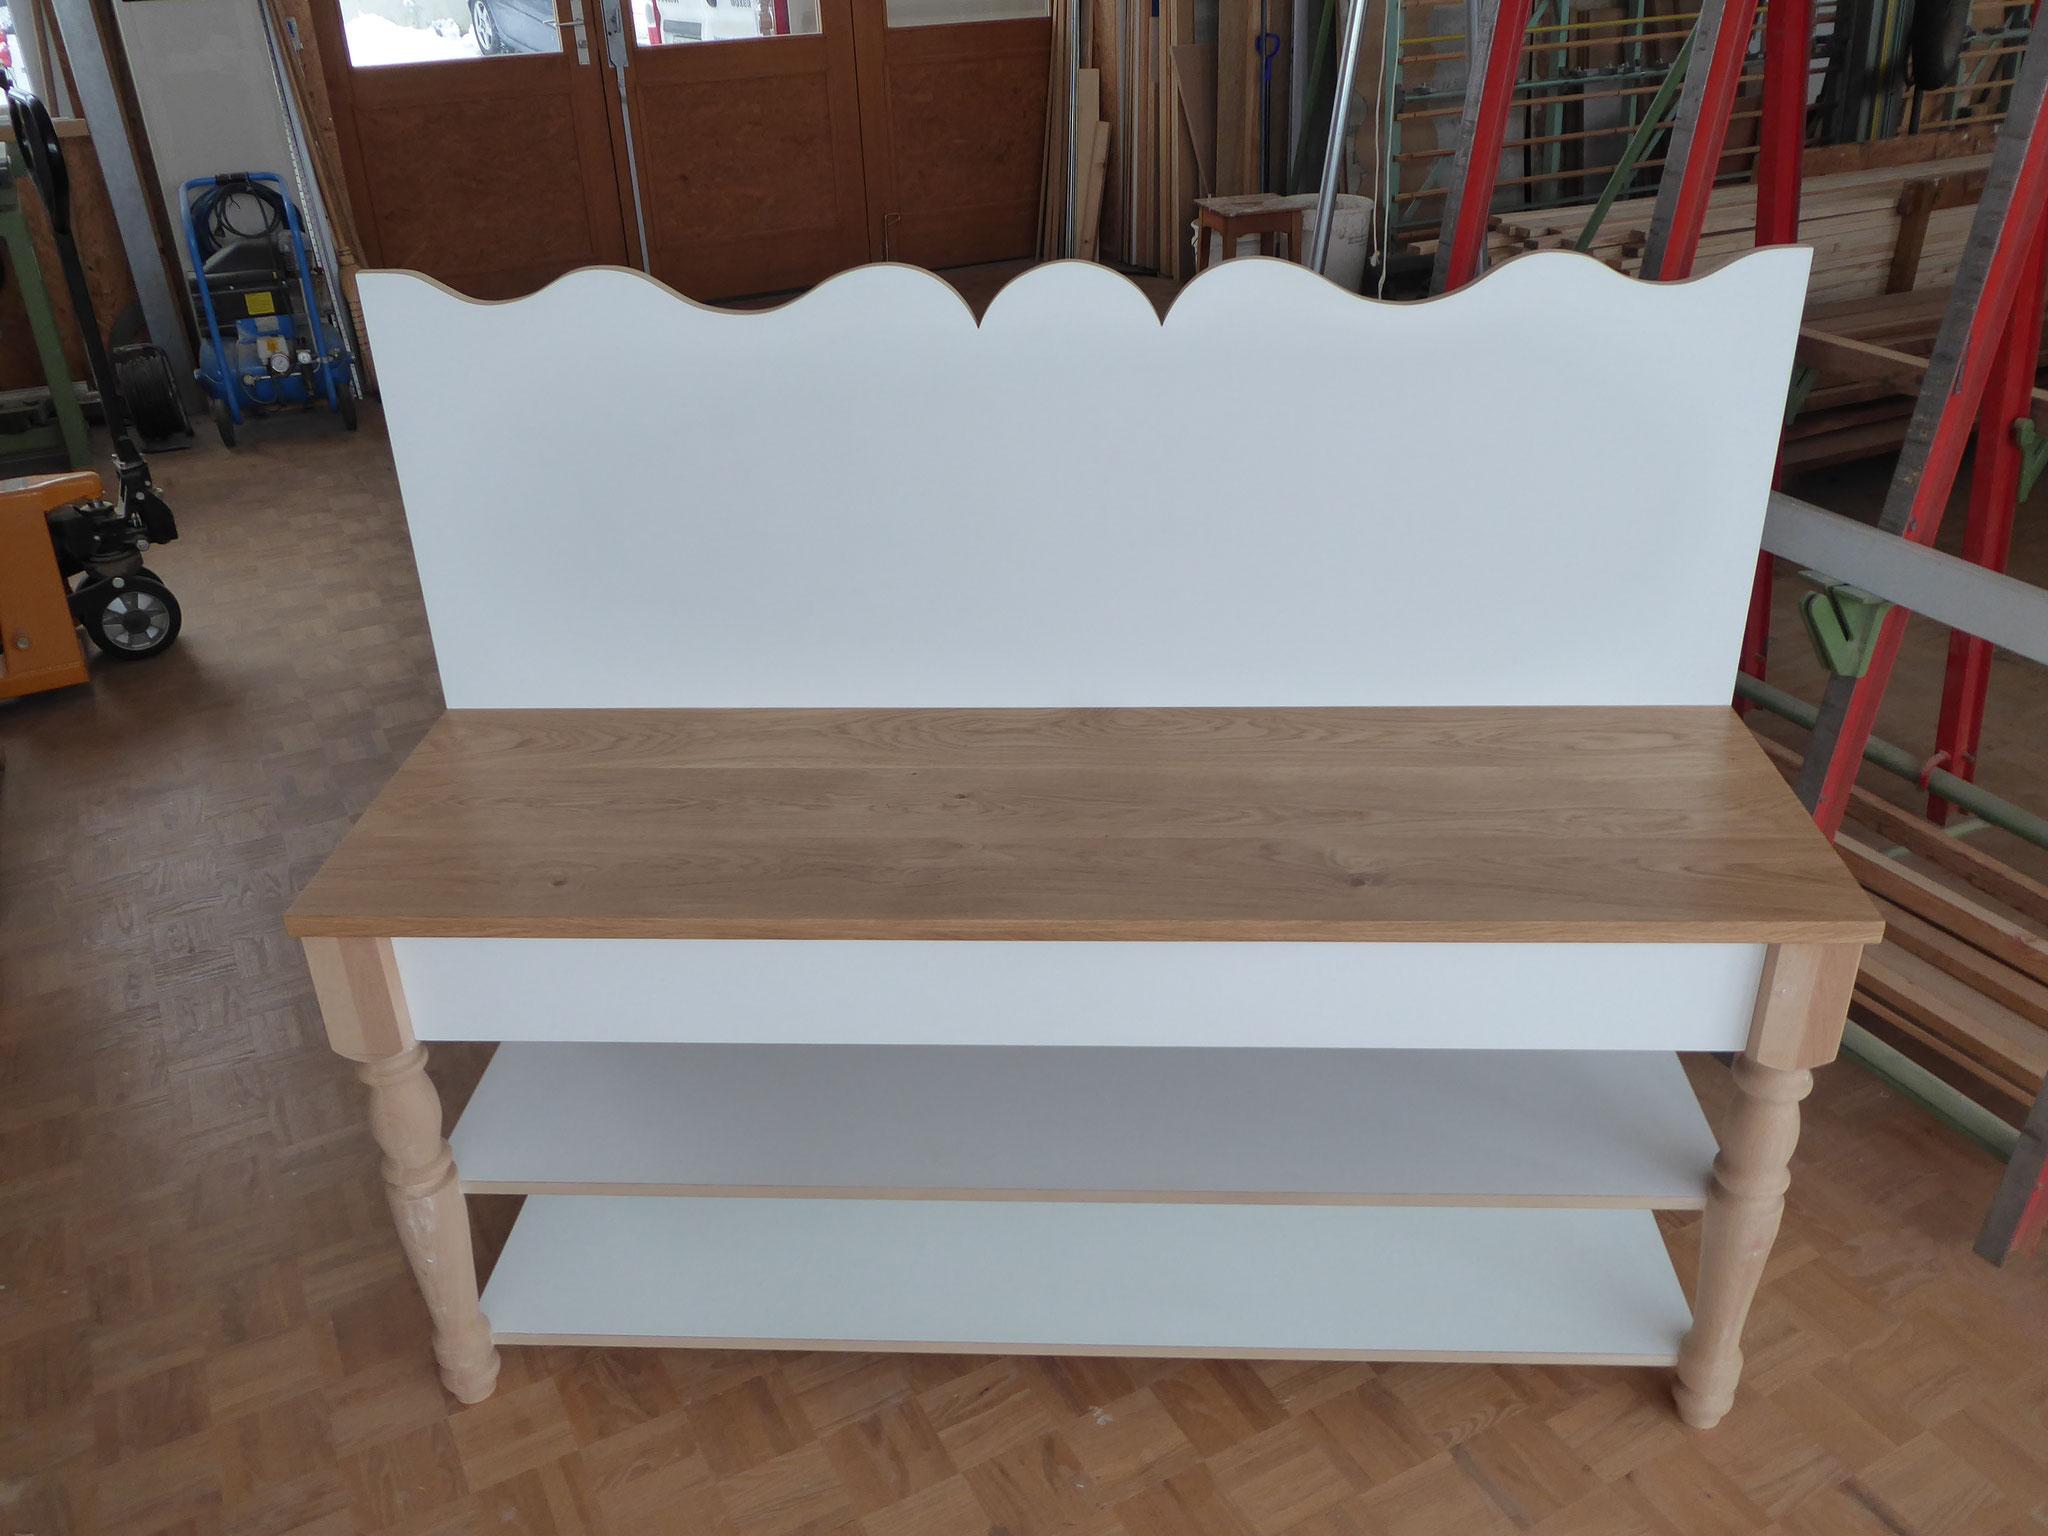 Badmöbel in Werkstatt